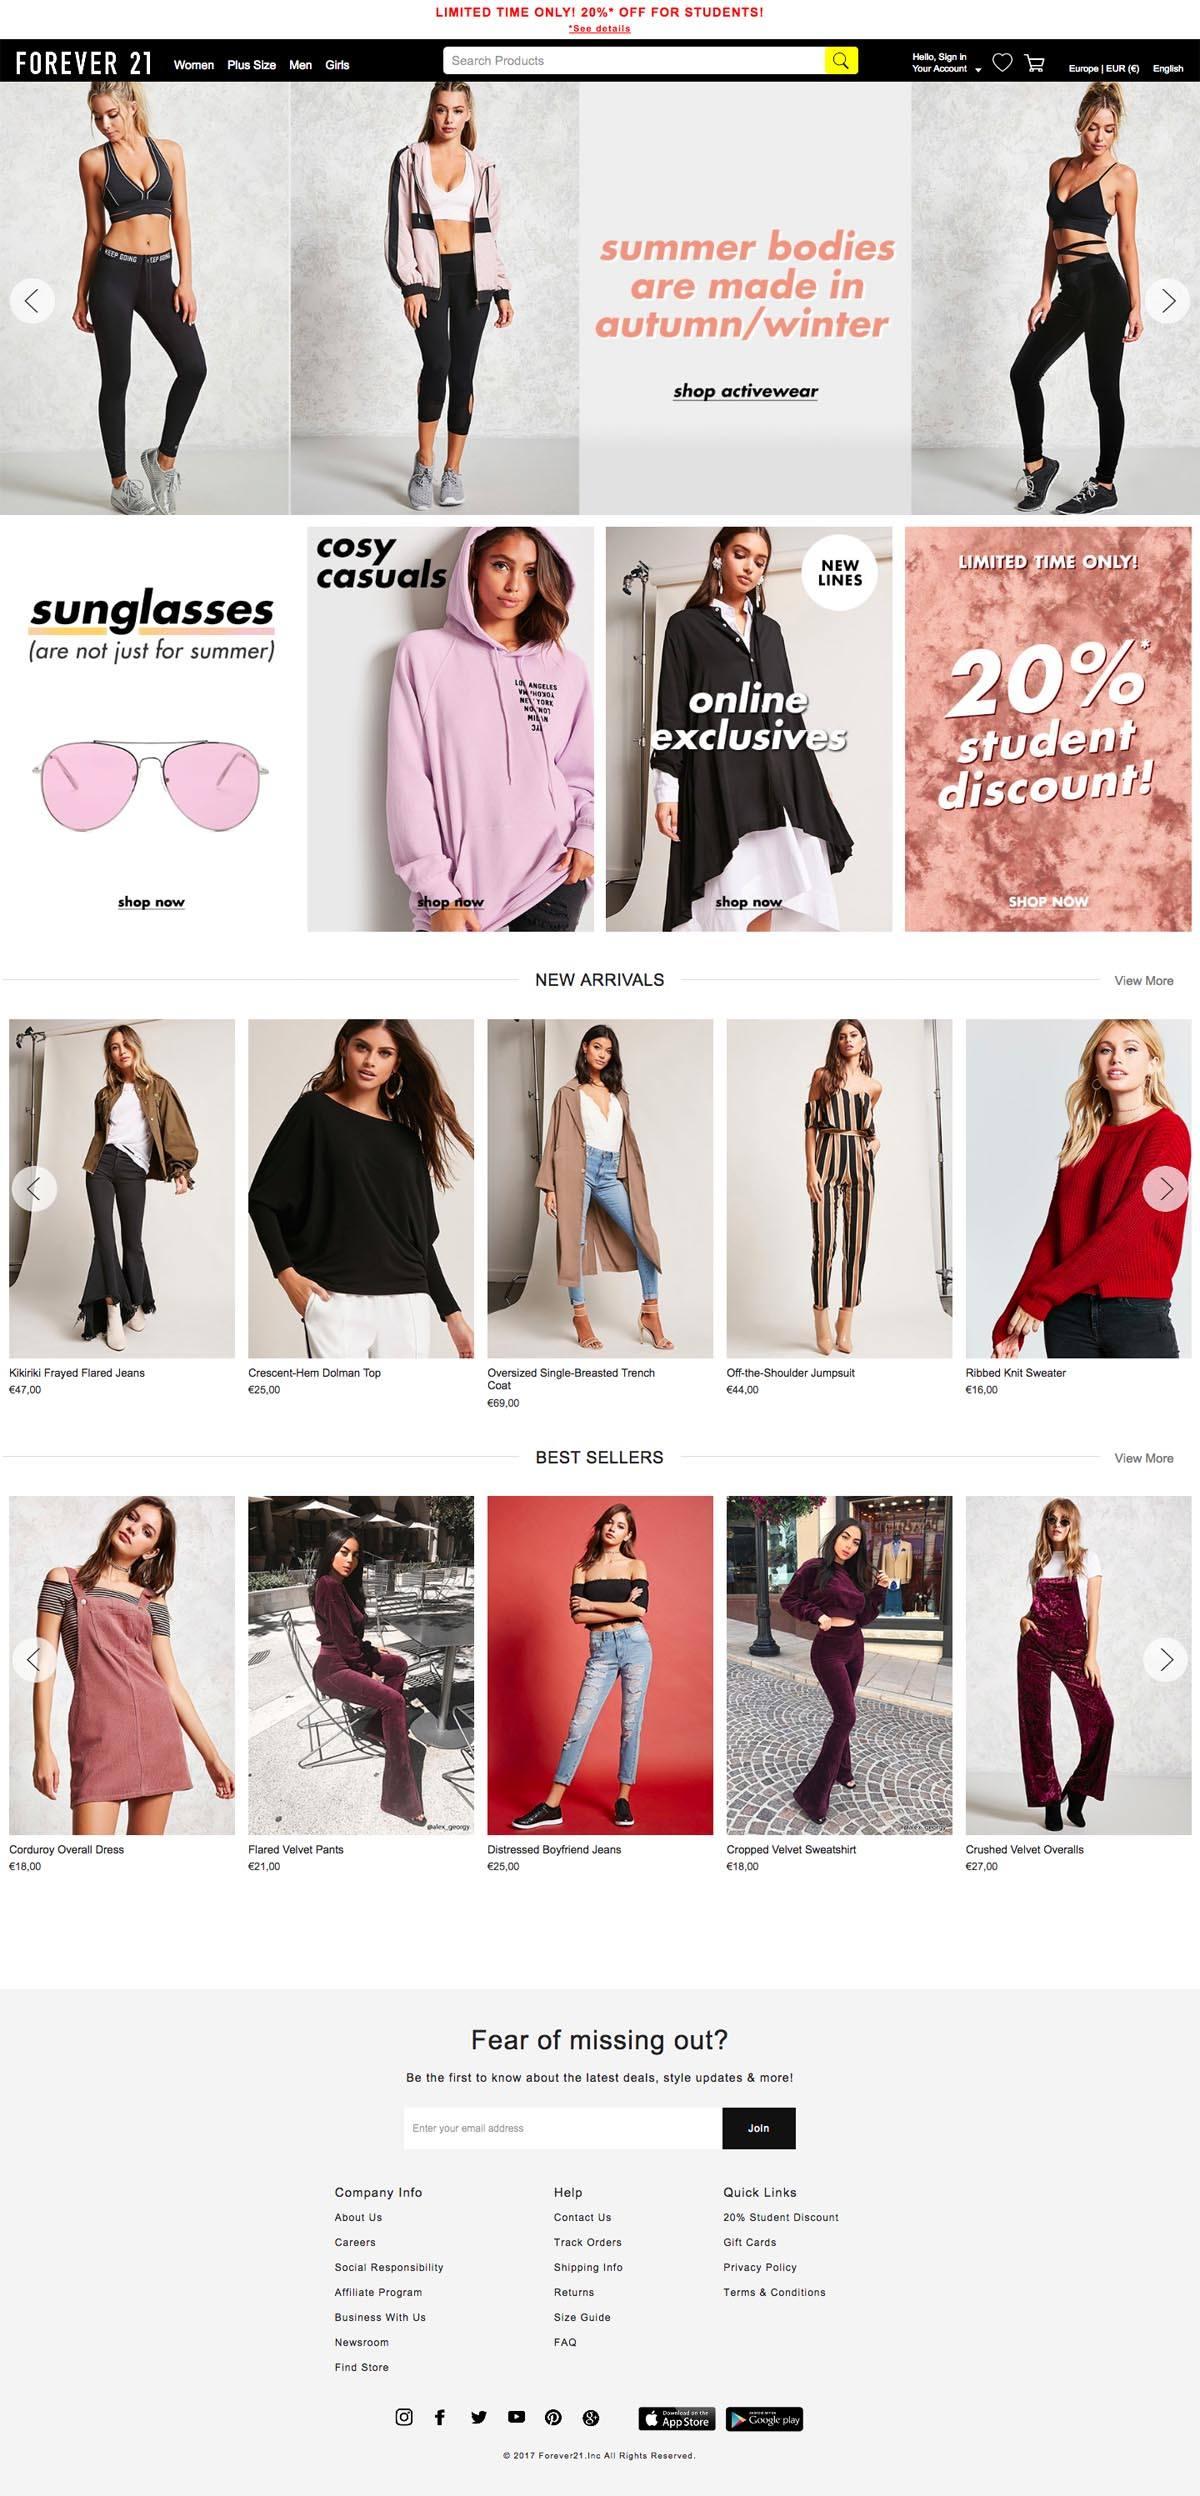 eCommerce website: Forever 21